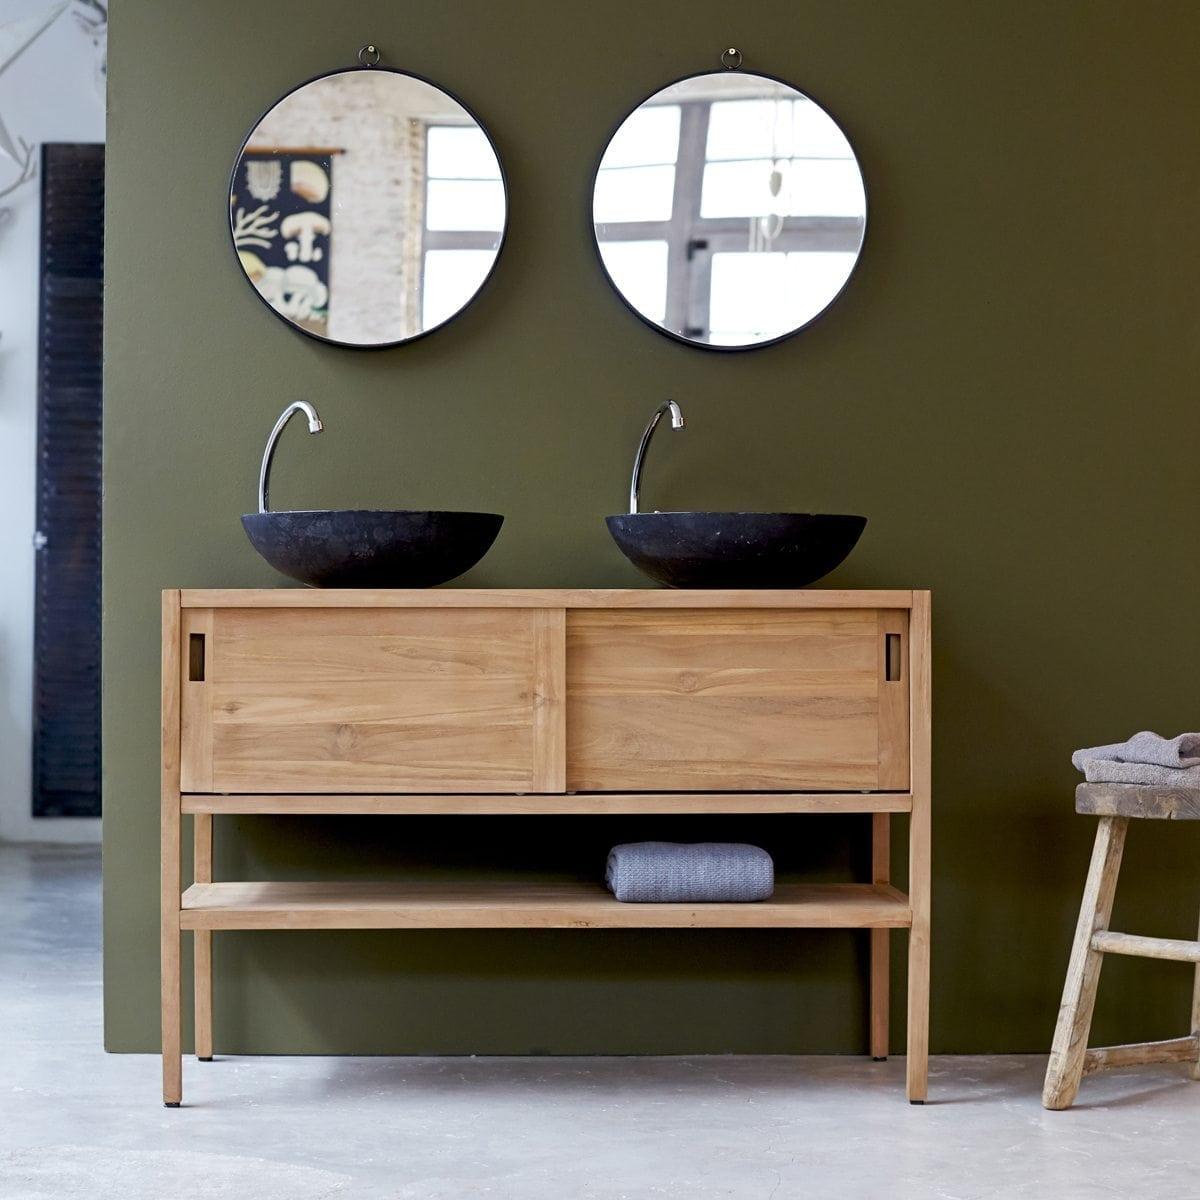 Notre meuble sous vasque Arty : élégance et modernité au cœur de votre salle de bain